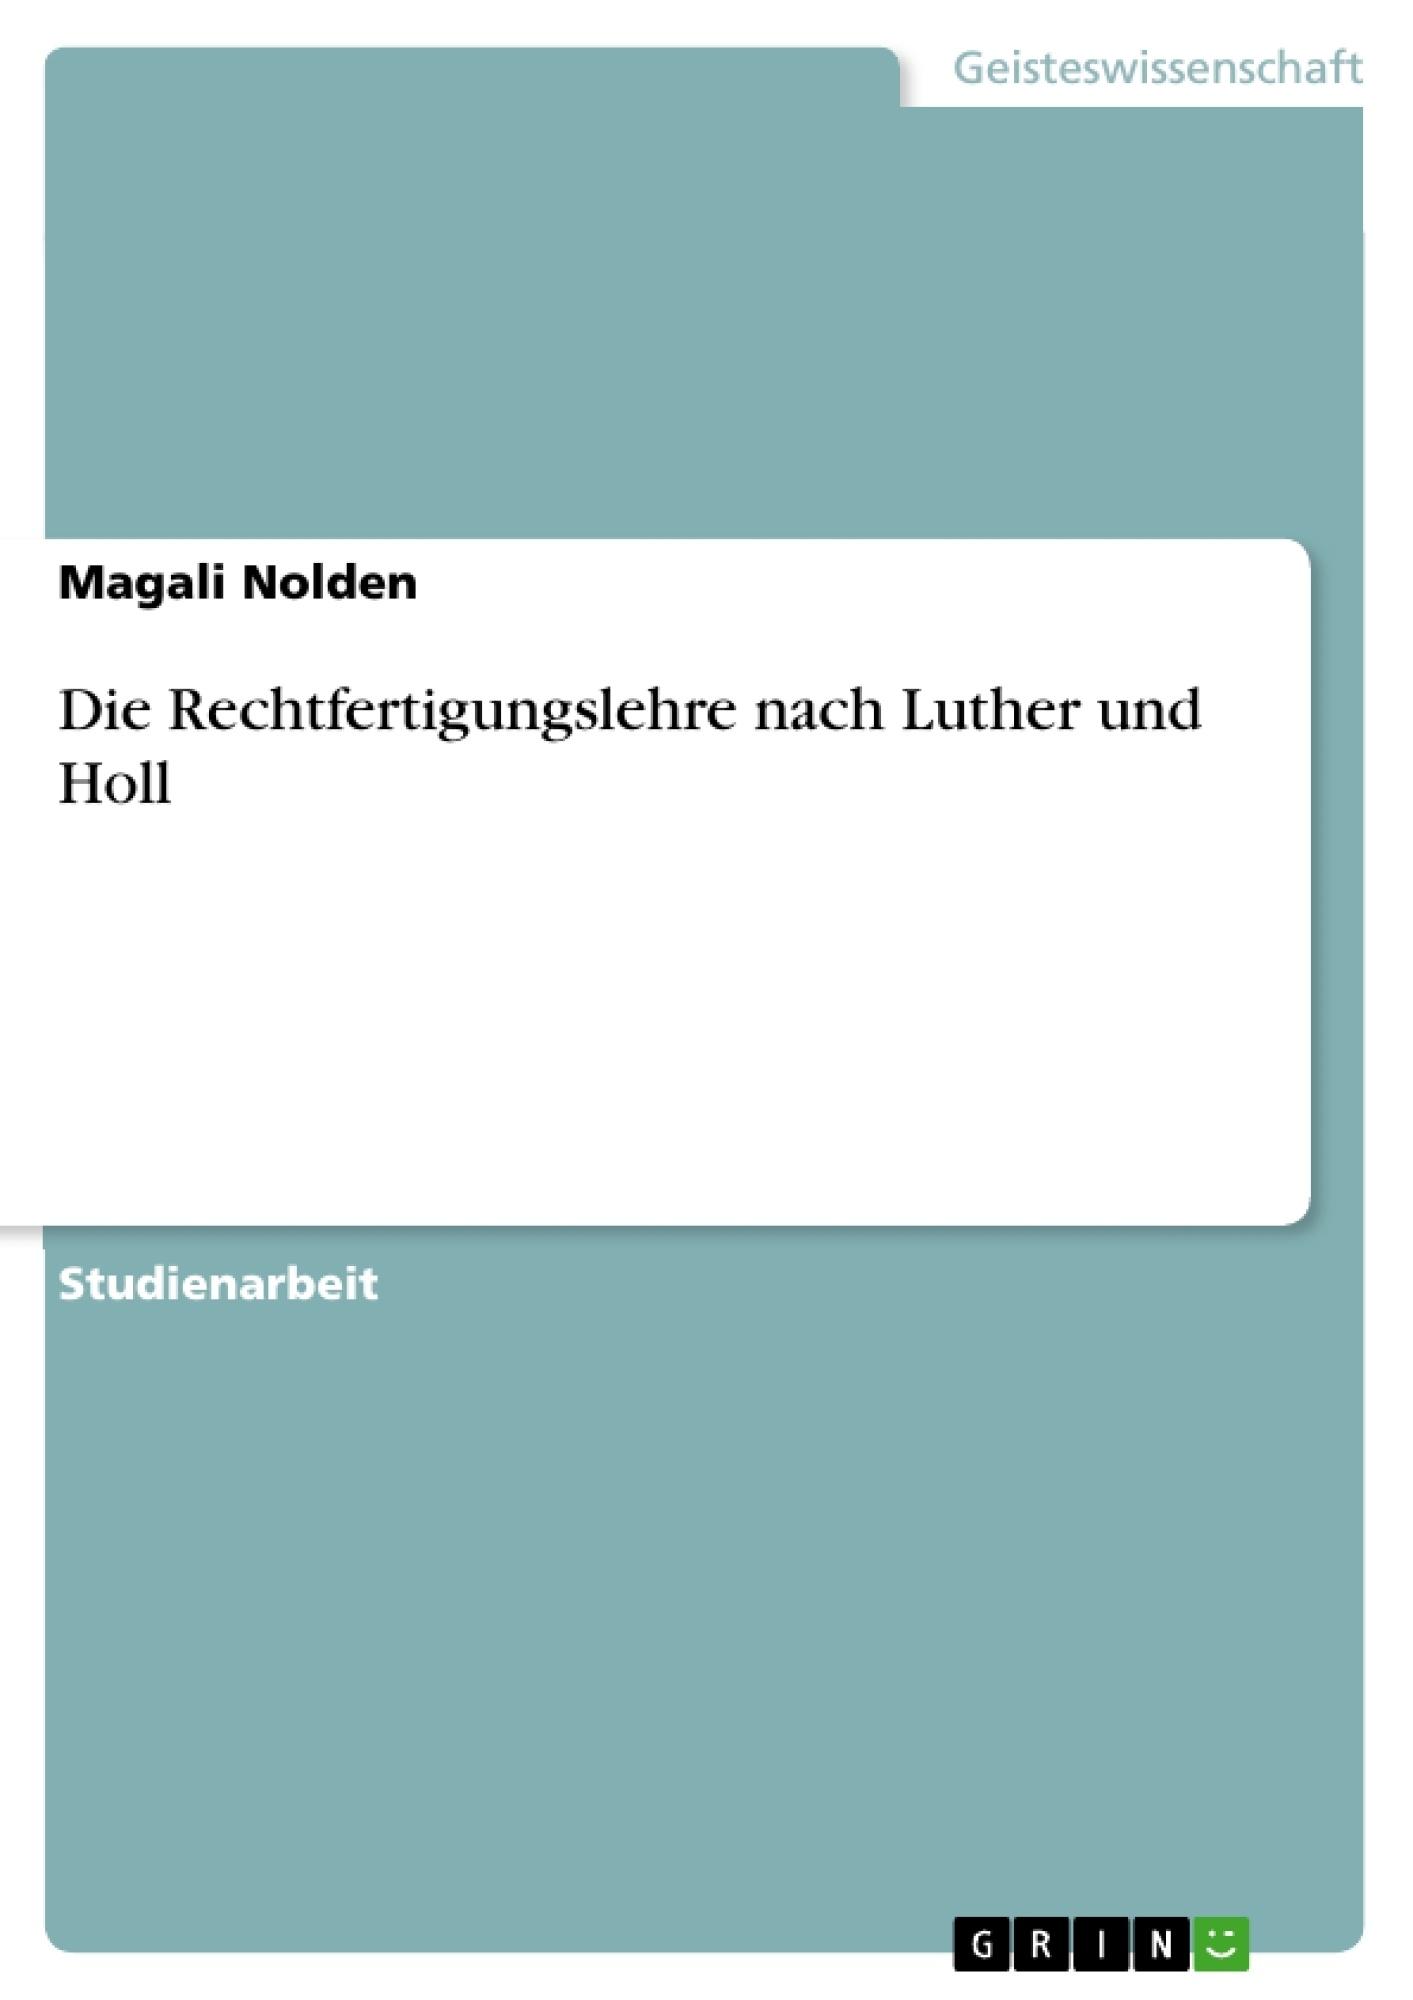 Titel: Die Rechtfertigungslehre nach Luther und Holl